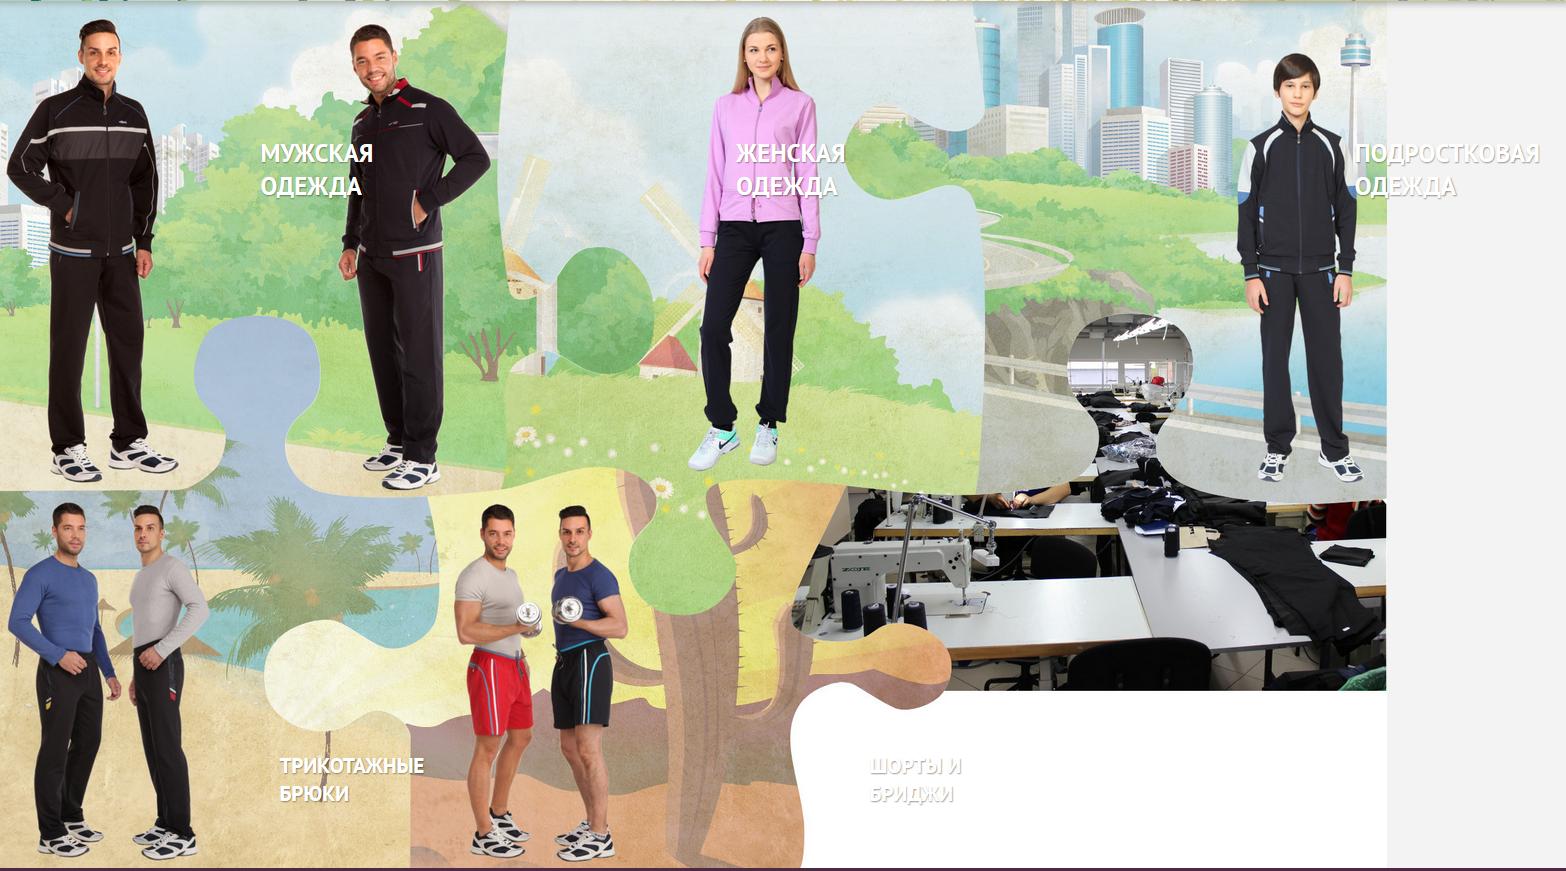 T@гертон - повседневная и спортивная одежда для всей семьи. Брюки трикотажные, летние, бриджи, шорты, спортивные